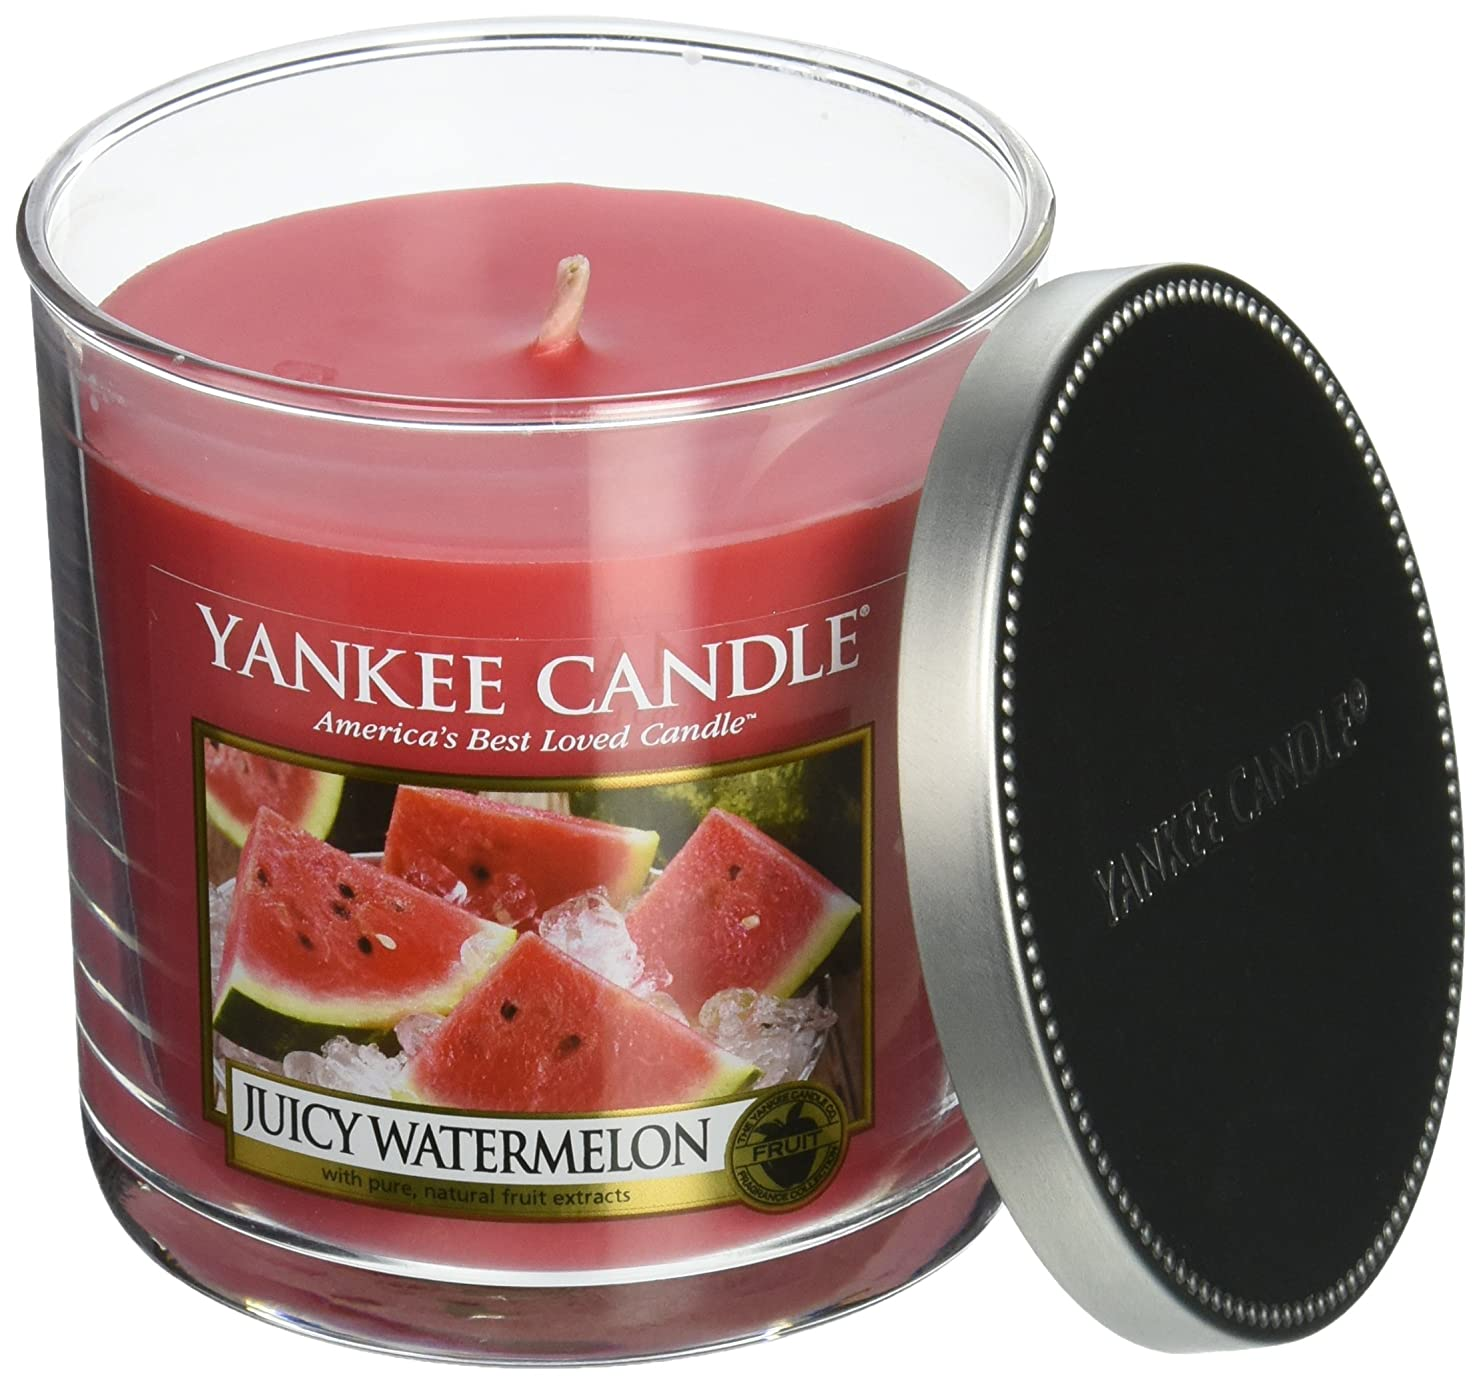 解明ジャグリングホイップYankee Candle Juicyメロン、フルーツ香り Small Single Wick Tumbler Candle レッド 1186165Z